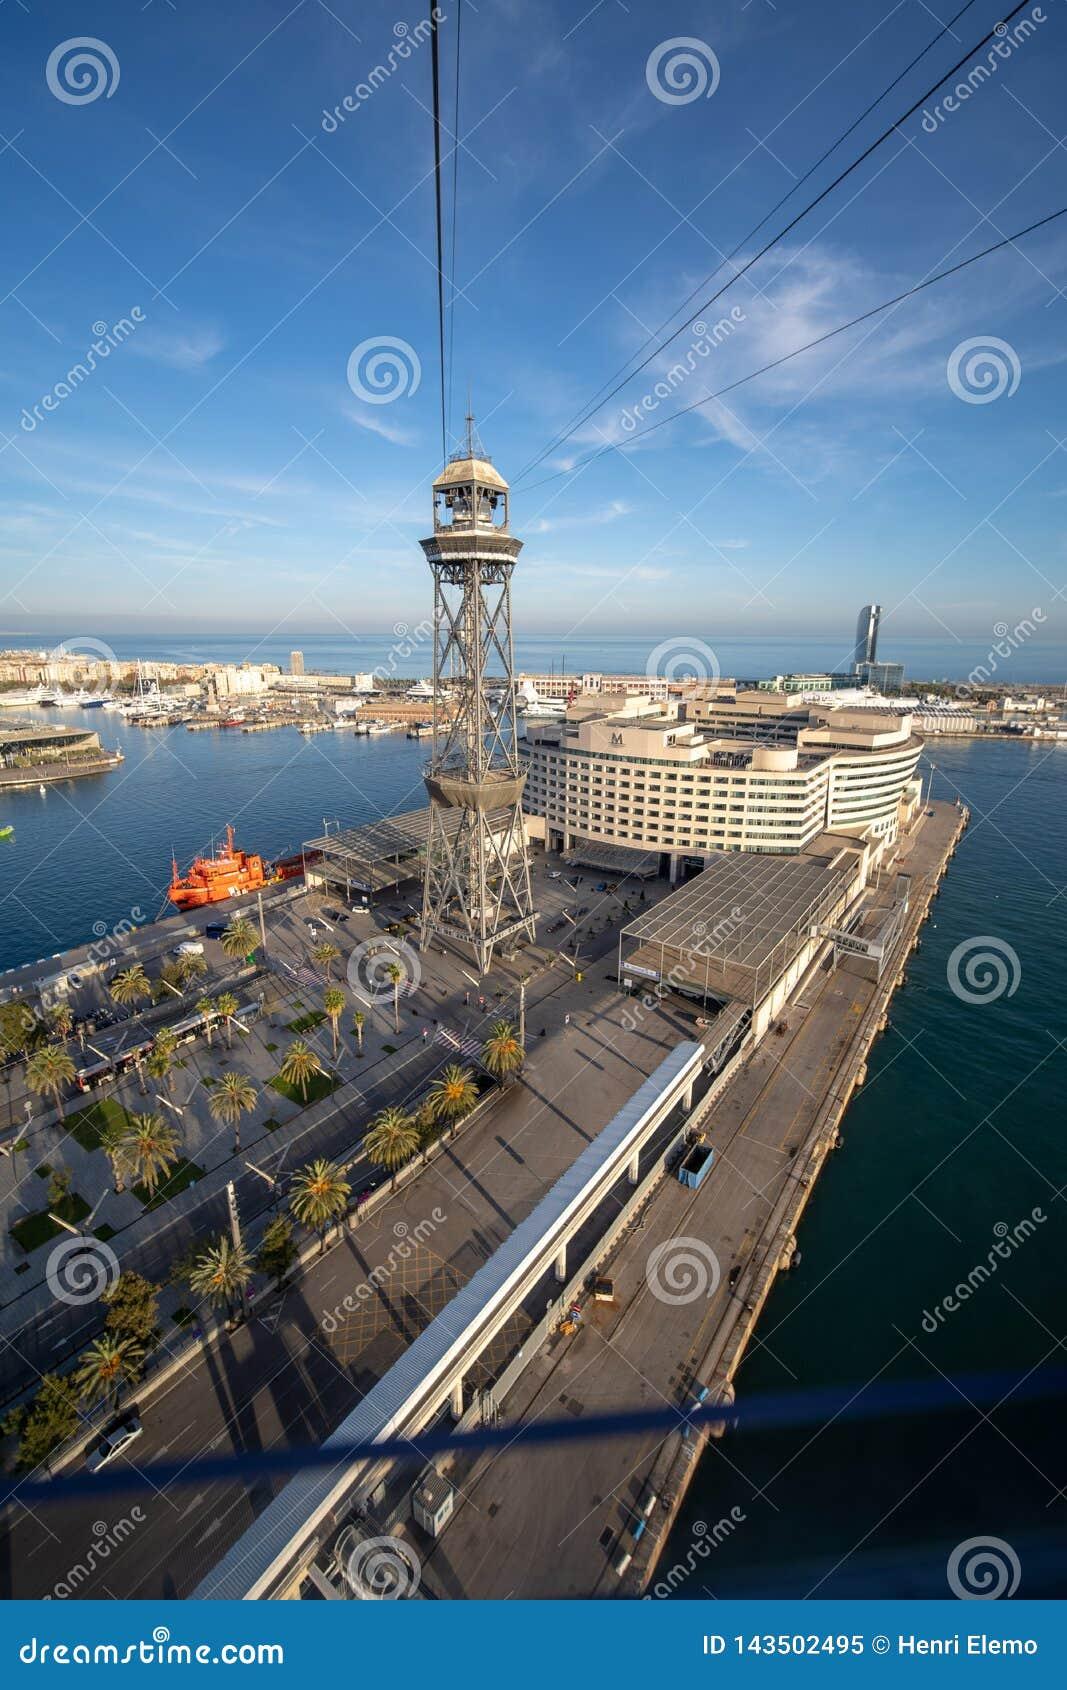 Barcelona, Spanje - December 4, 2019: Kabelwagentorens in Barcelona dat van de kabelwagen op avondlicht wordt gevangen